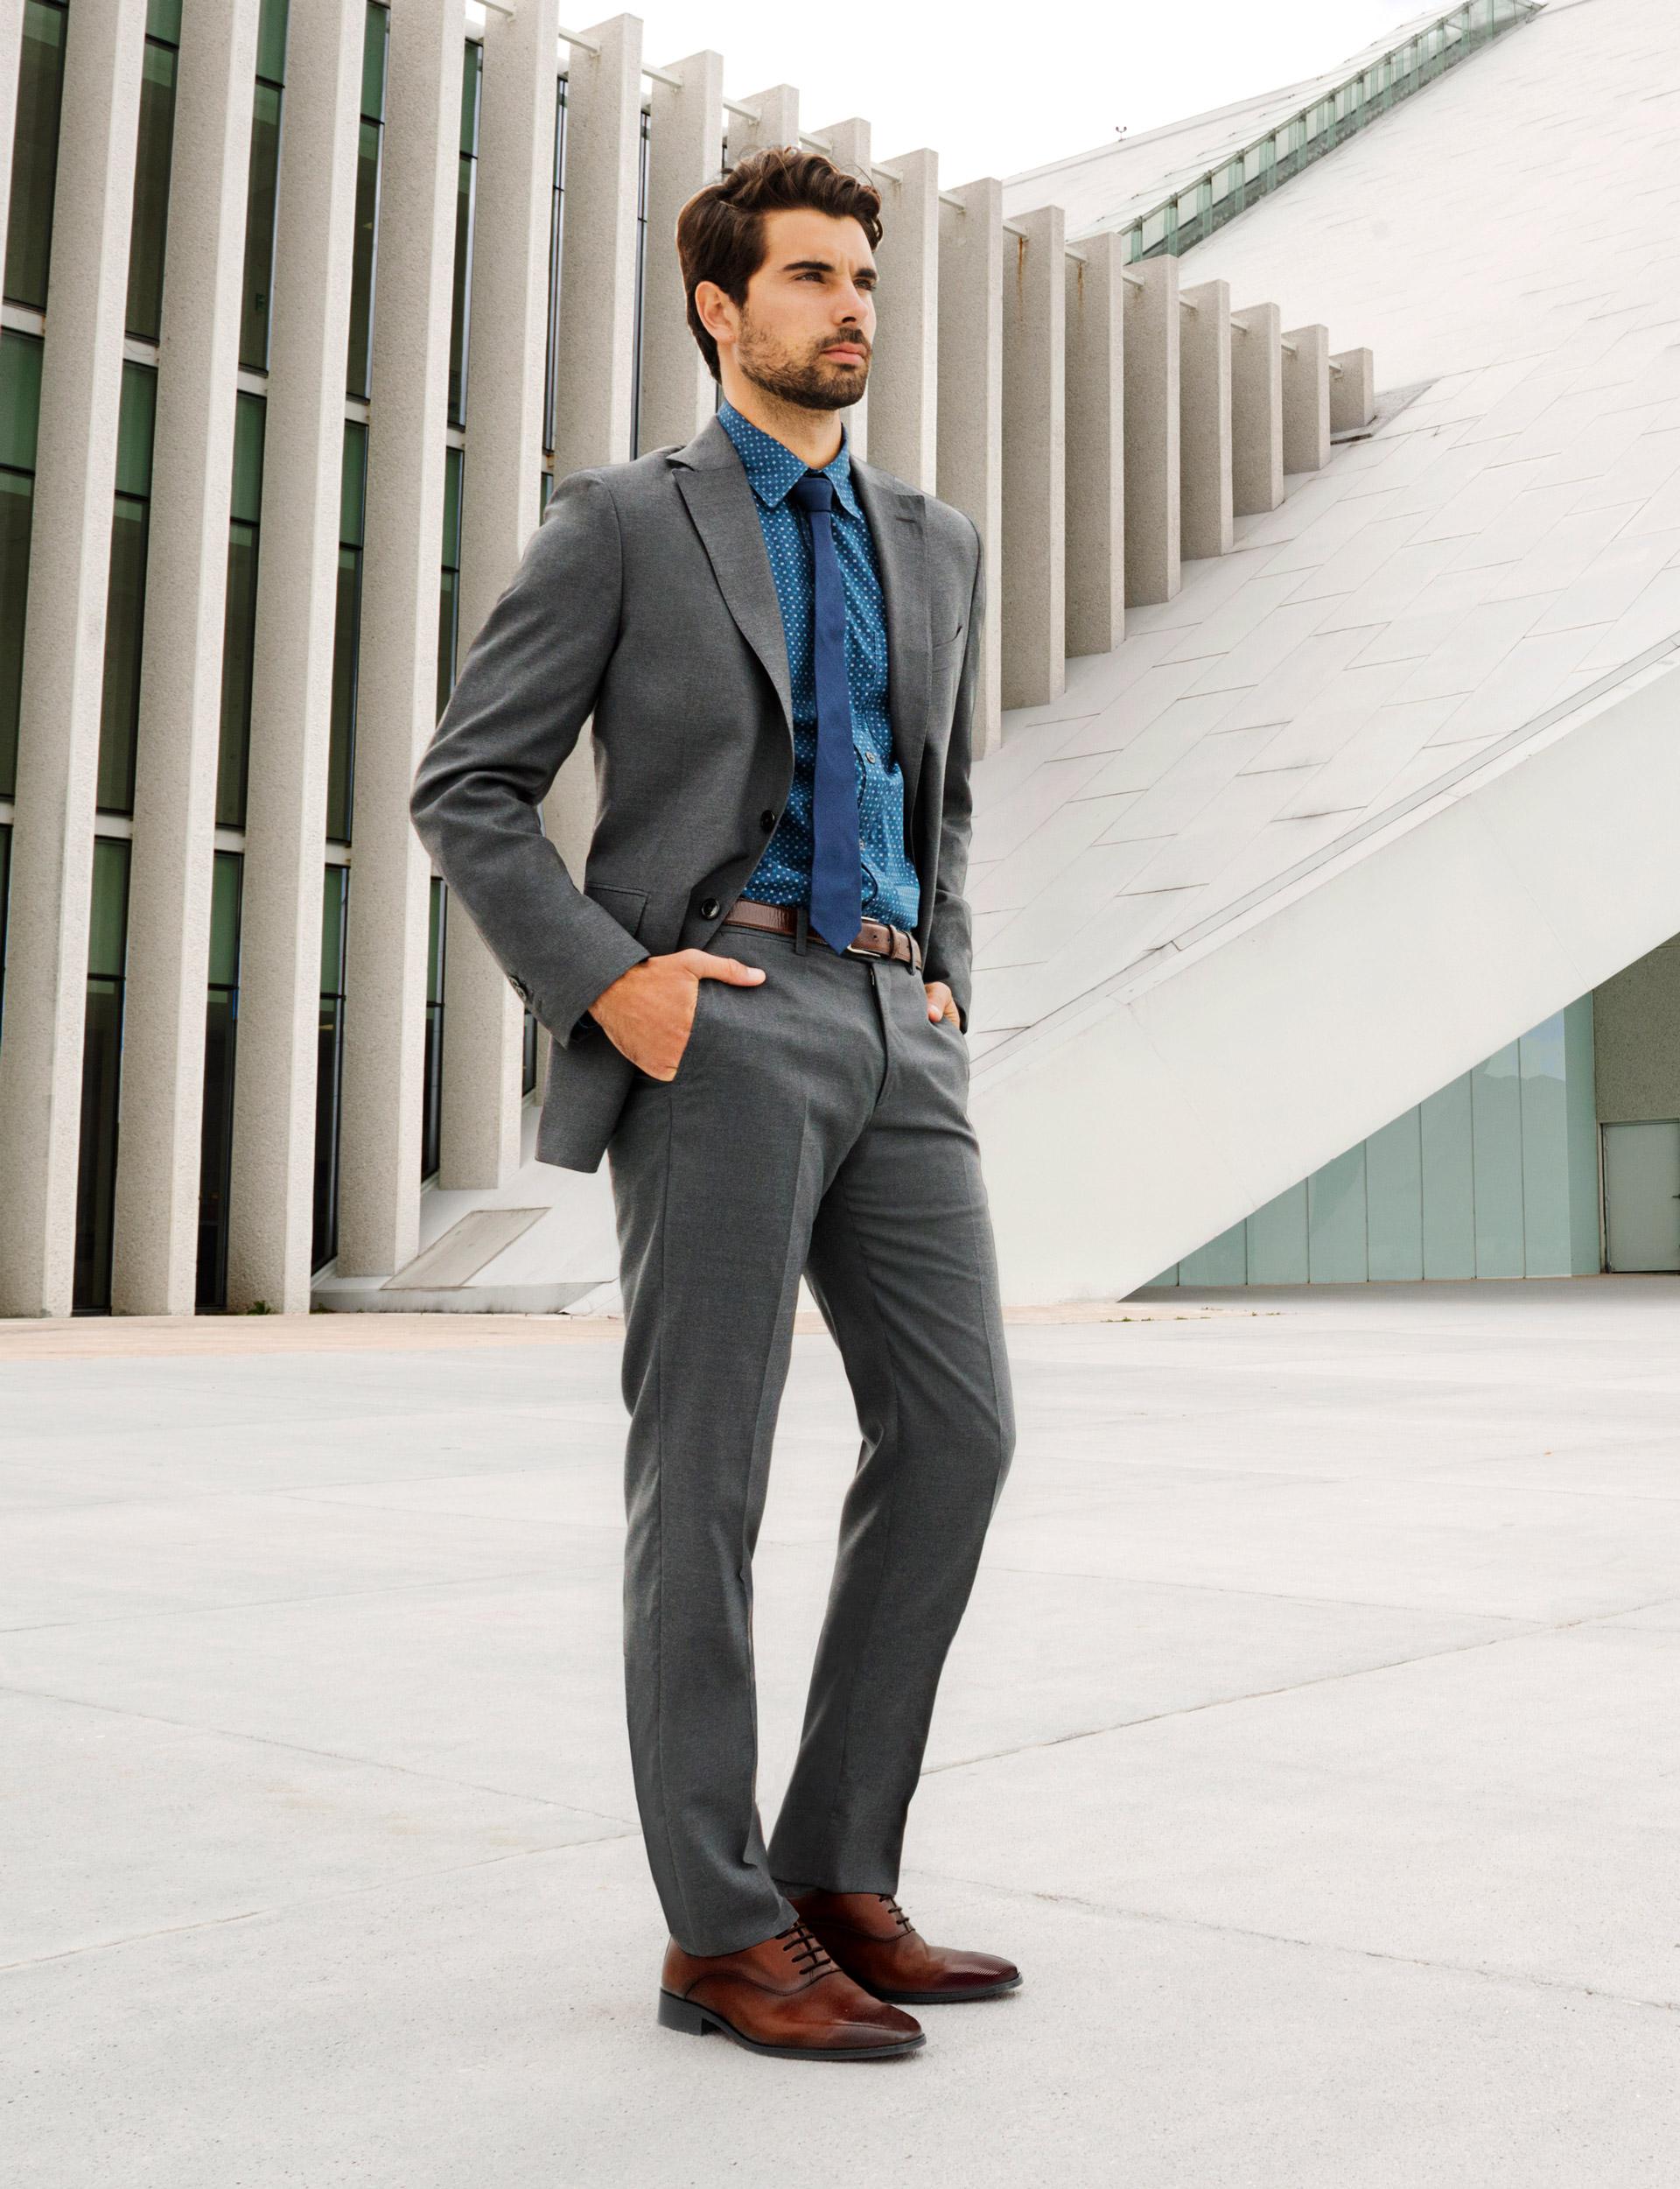 cd25751bfad15 La mejor opción para combinar un traje color gris oscuro es con calzado y  accesorios en color café oscuro